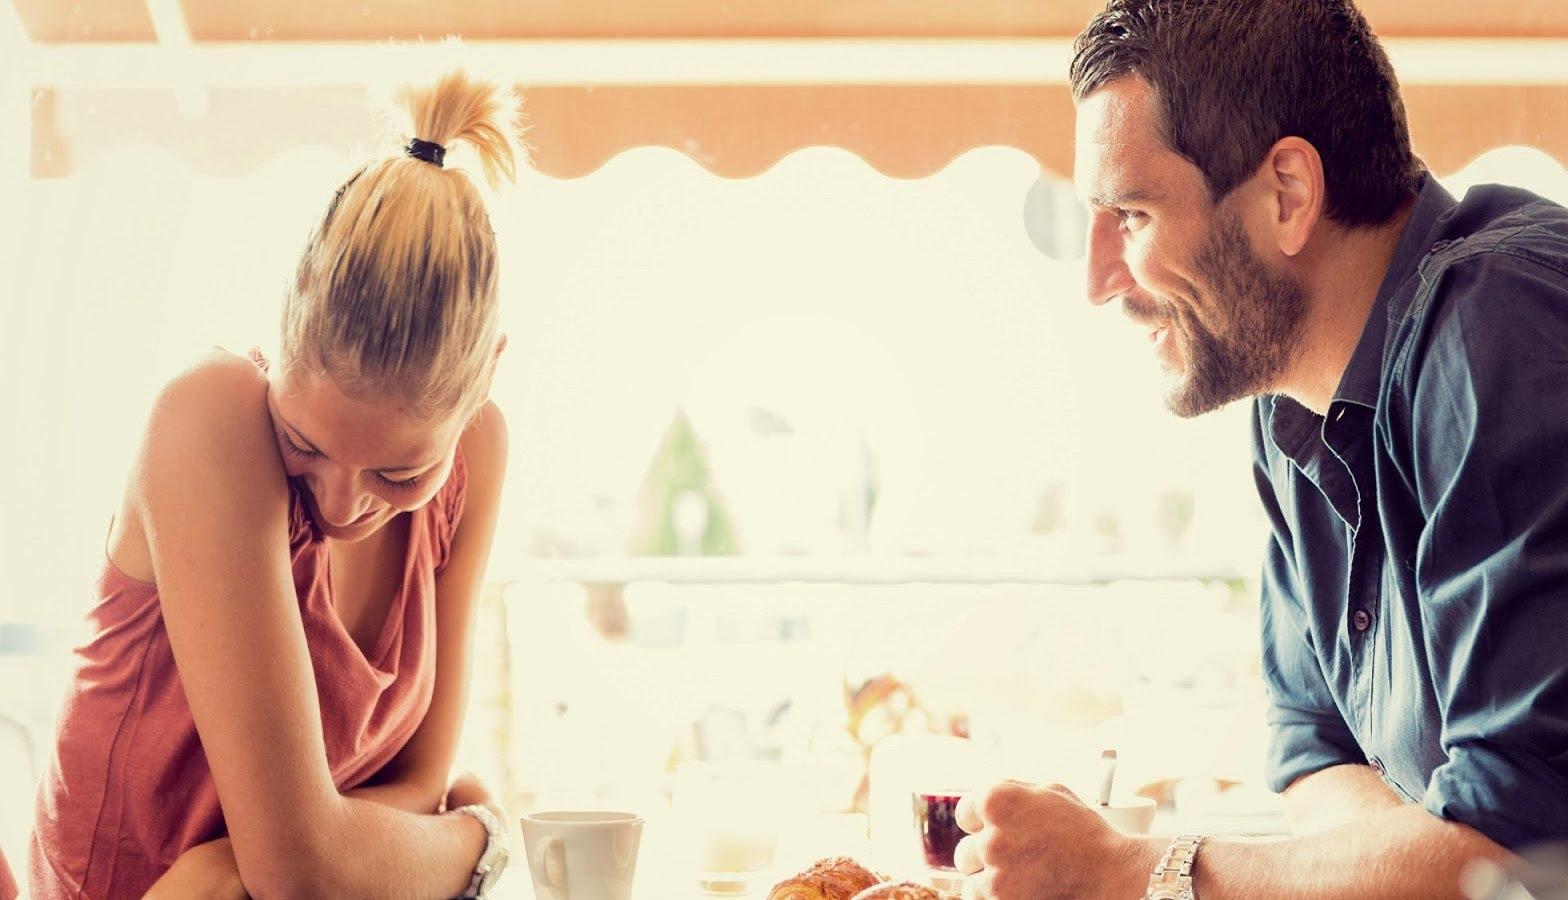 صورة كيف اجعلها تحبني من جديد , الطريقه السحريه لرجوع الحب بينكما من جديد 4493 2